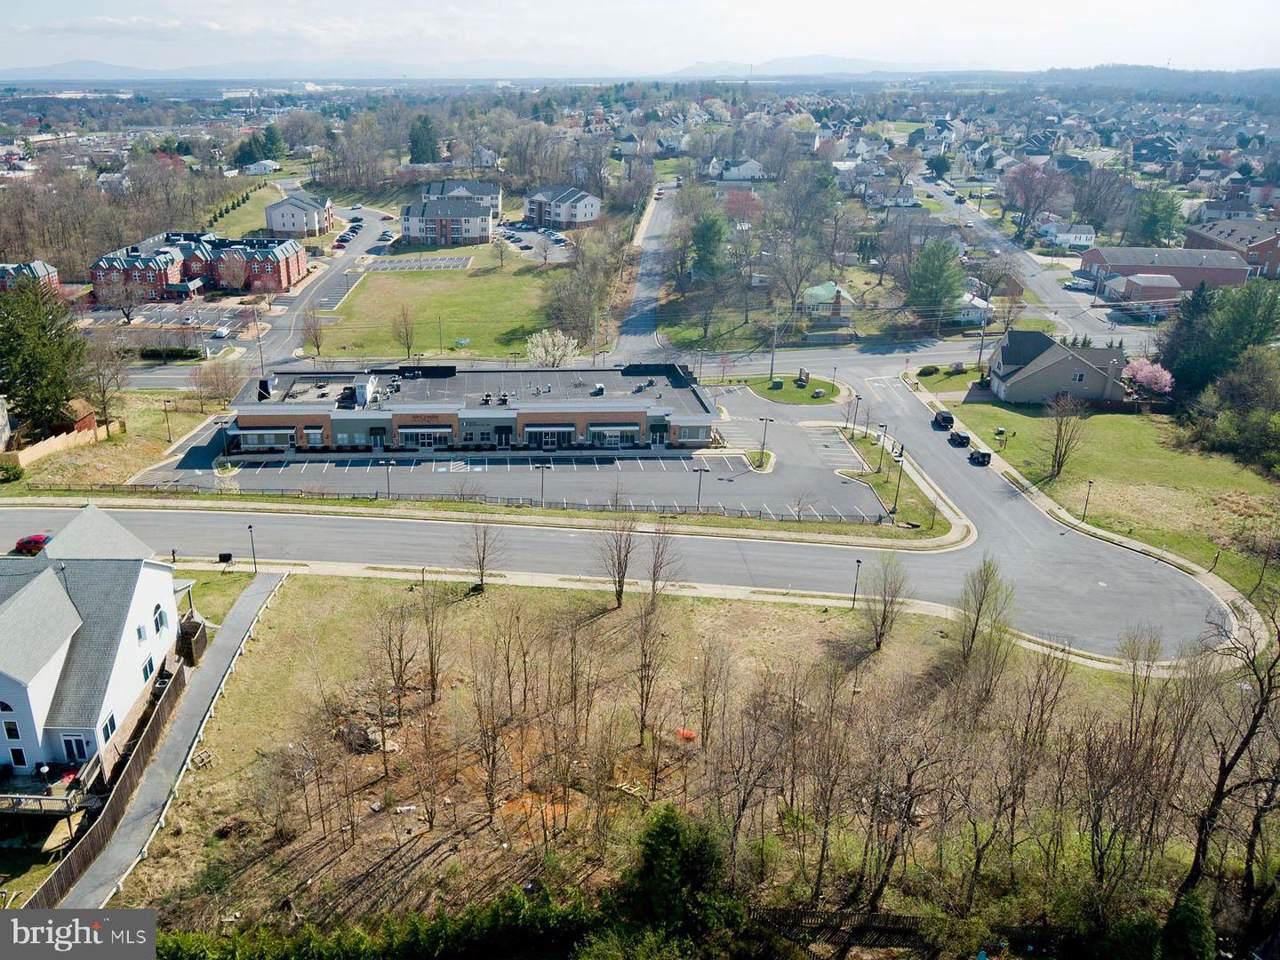 Lot 3,9,11,12 Hillman Drive - Photo 1